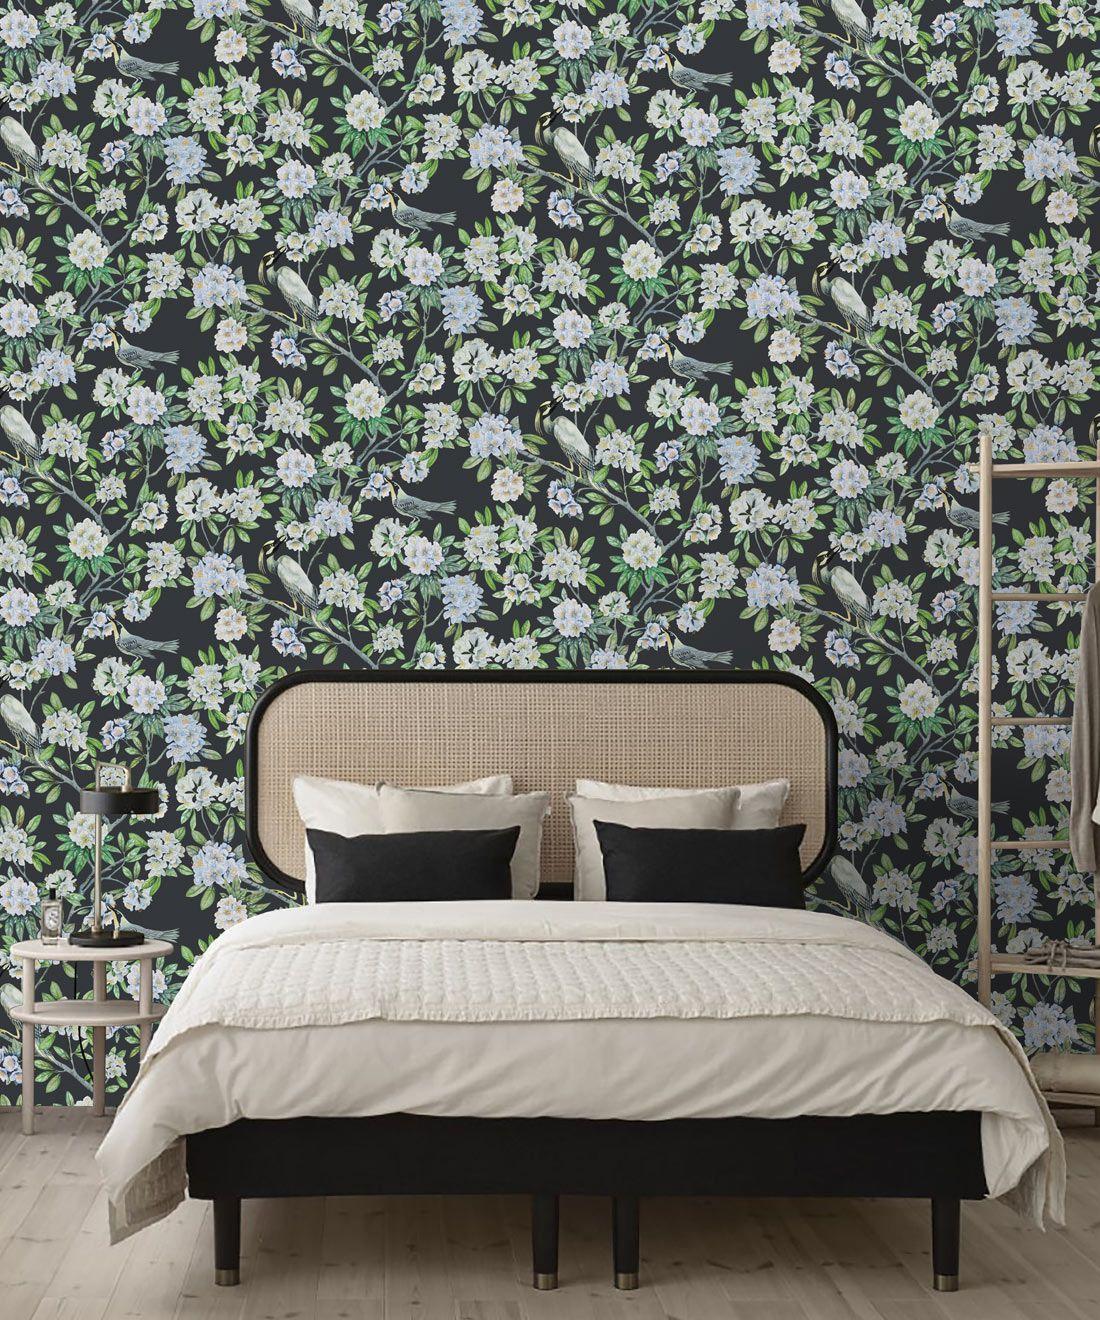 Victoria Wallpaper • Floral Wallpaper • Charcoal Wallpaper • Insitu